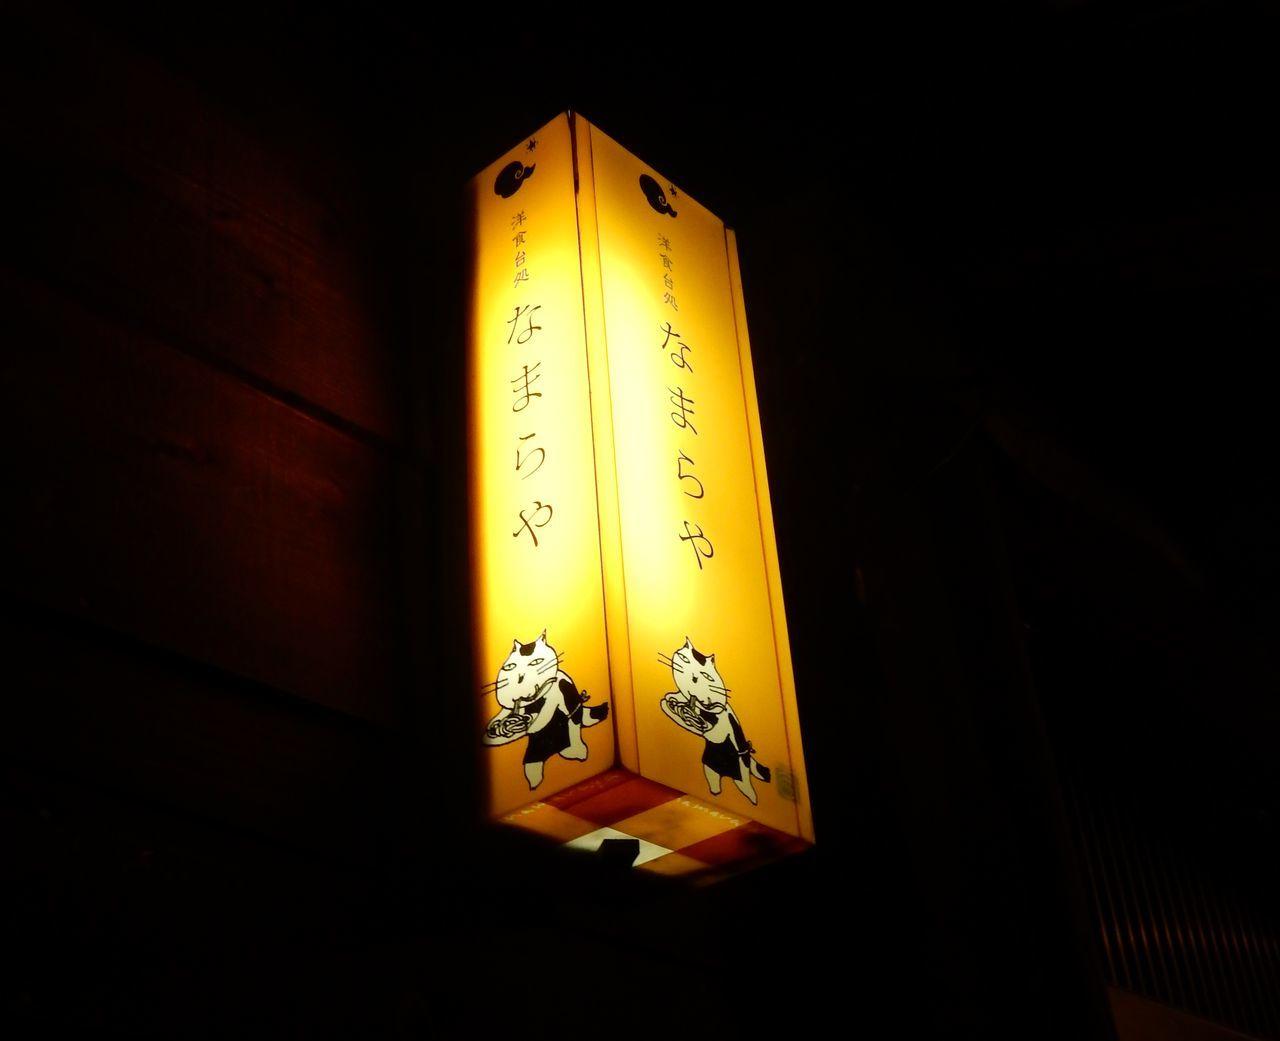 今日は北大、昨日は小樽_c0025115_21304199.jpg